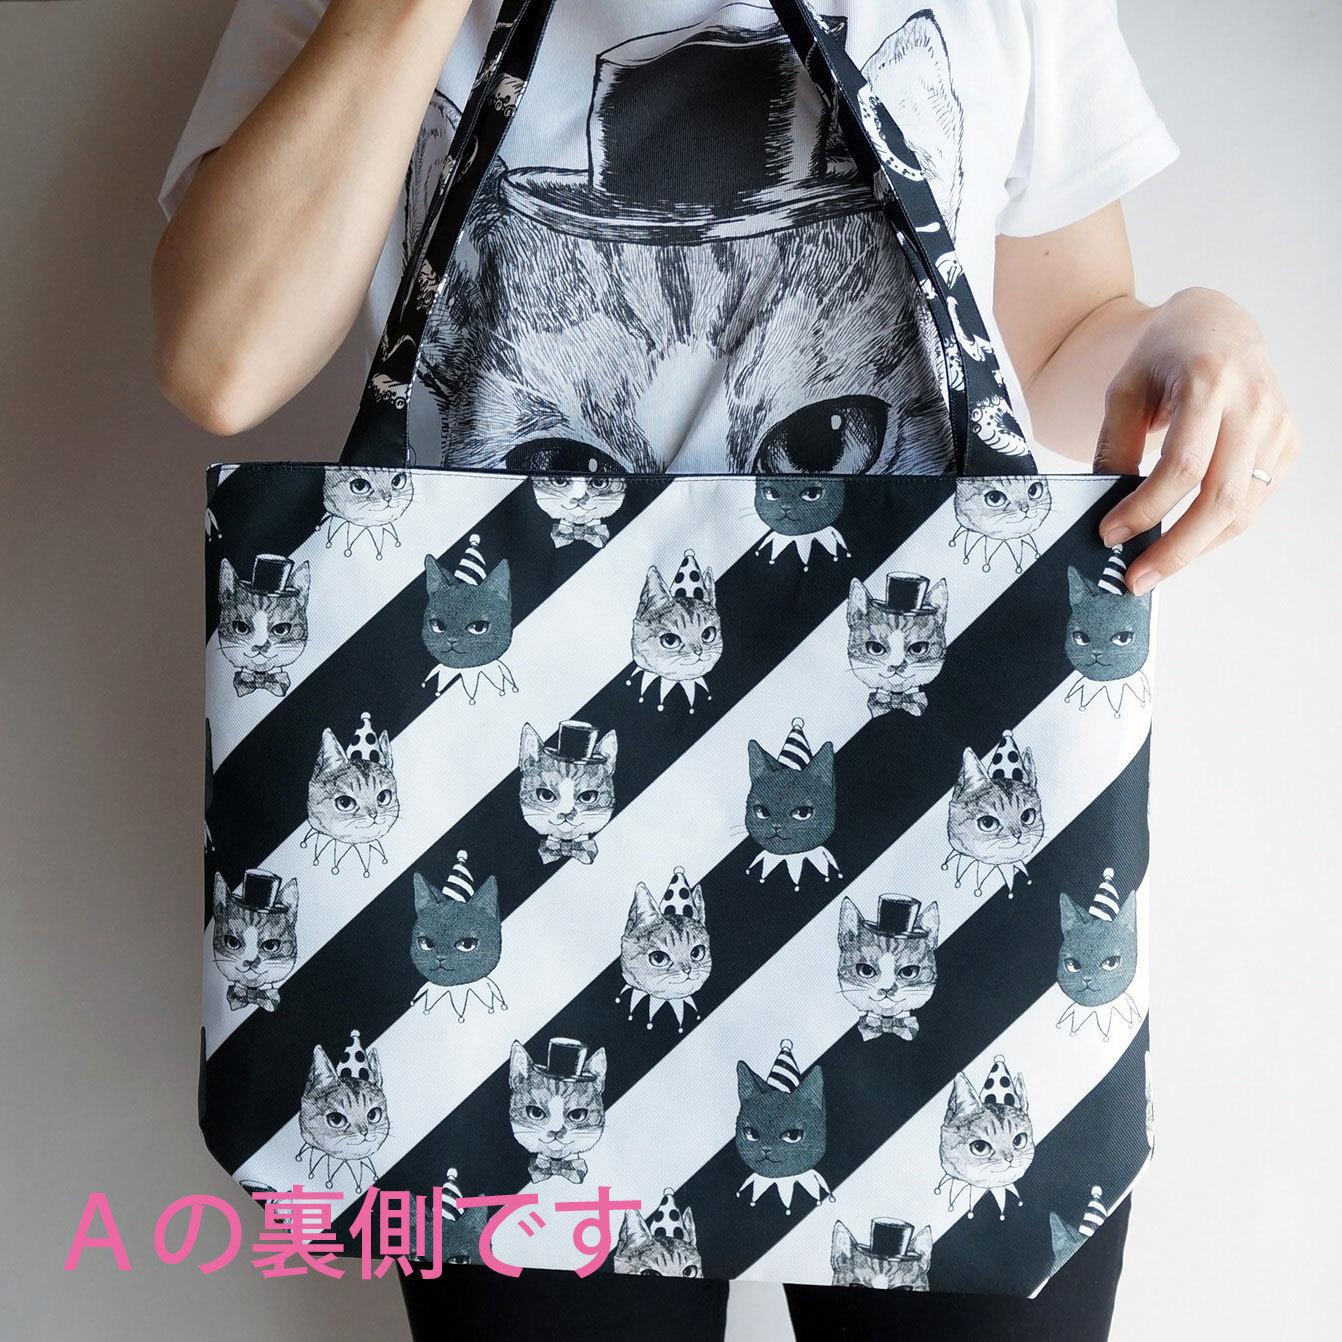 c9572b1cb370 【送料無料】 HANA circus original ファスナー付き トートバッグ 3種類 猫 はちわれ きじとら 黒猫 モノトーン